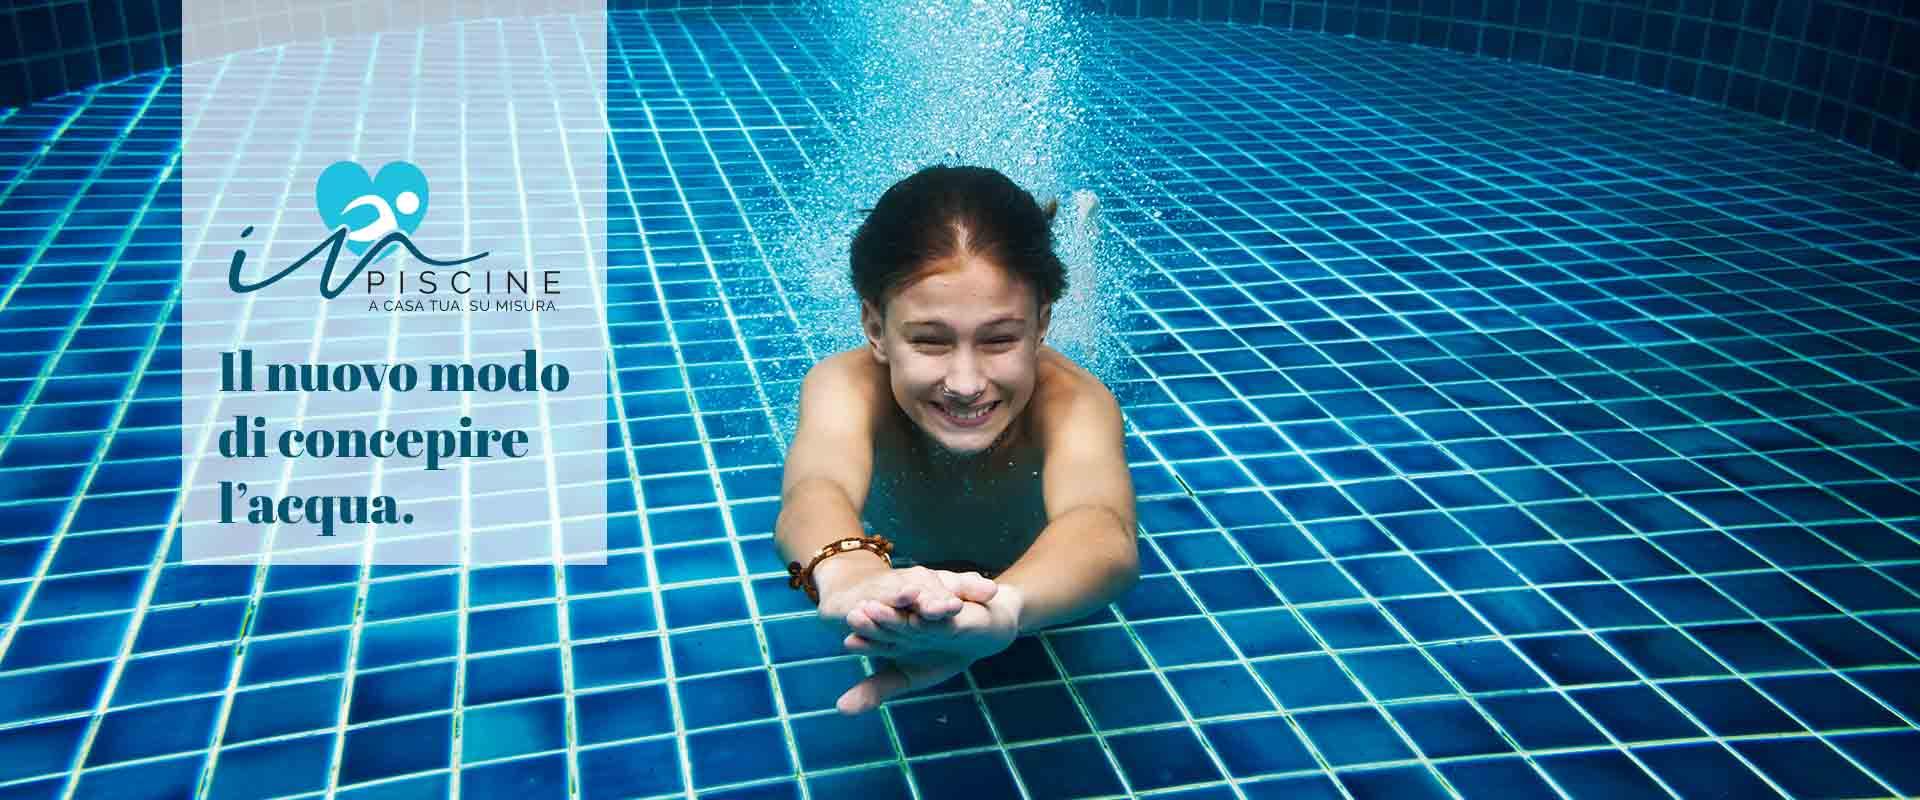 In piscine